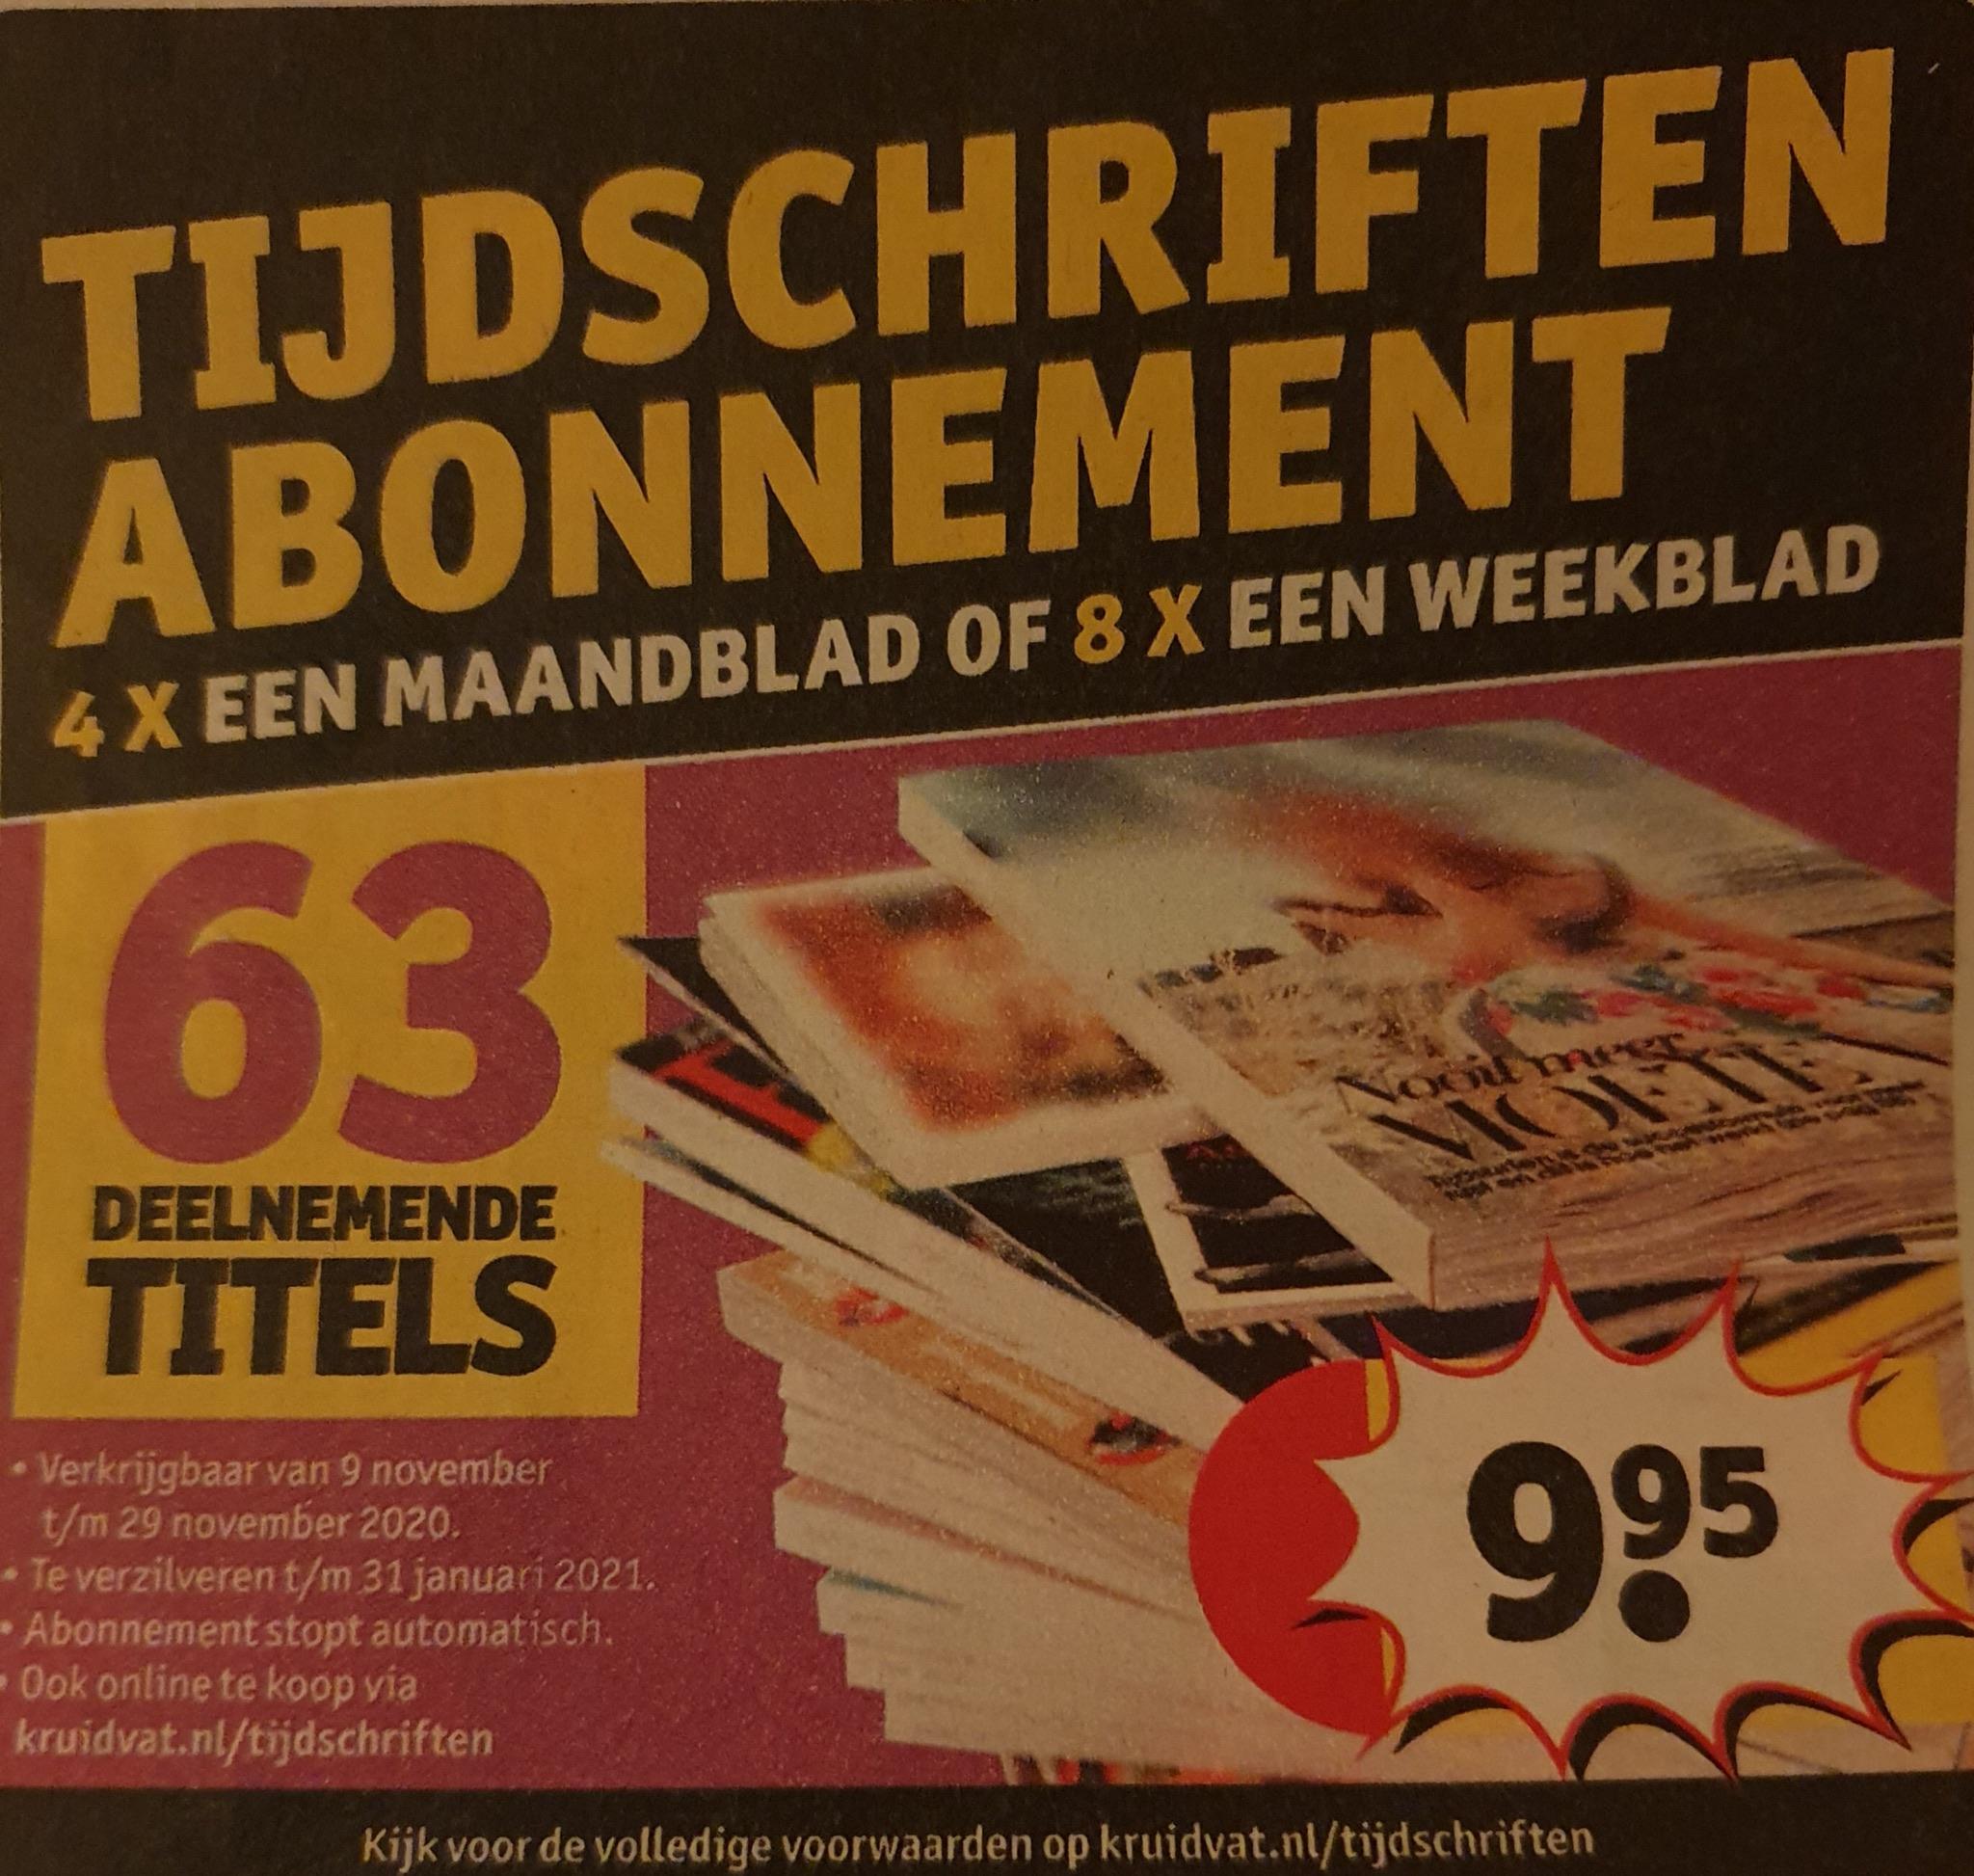 Tijdschriften abonnement kruidvat